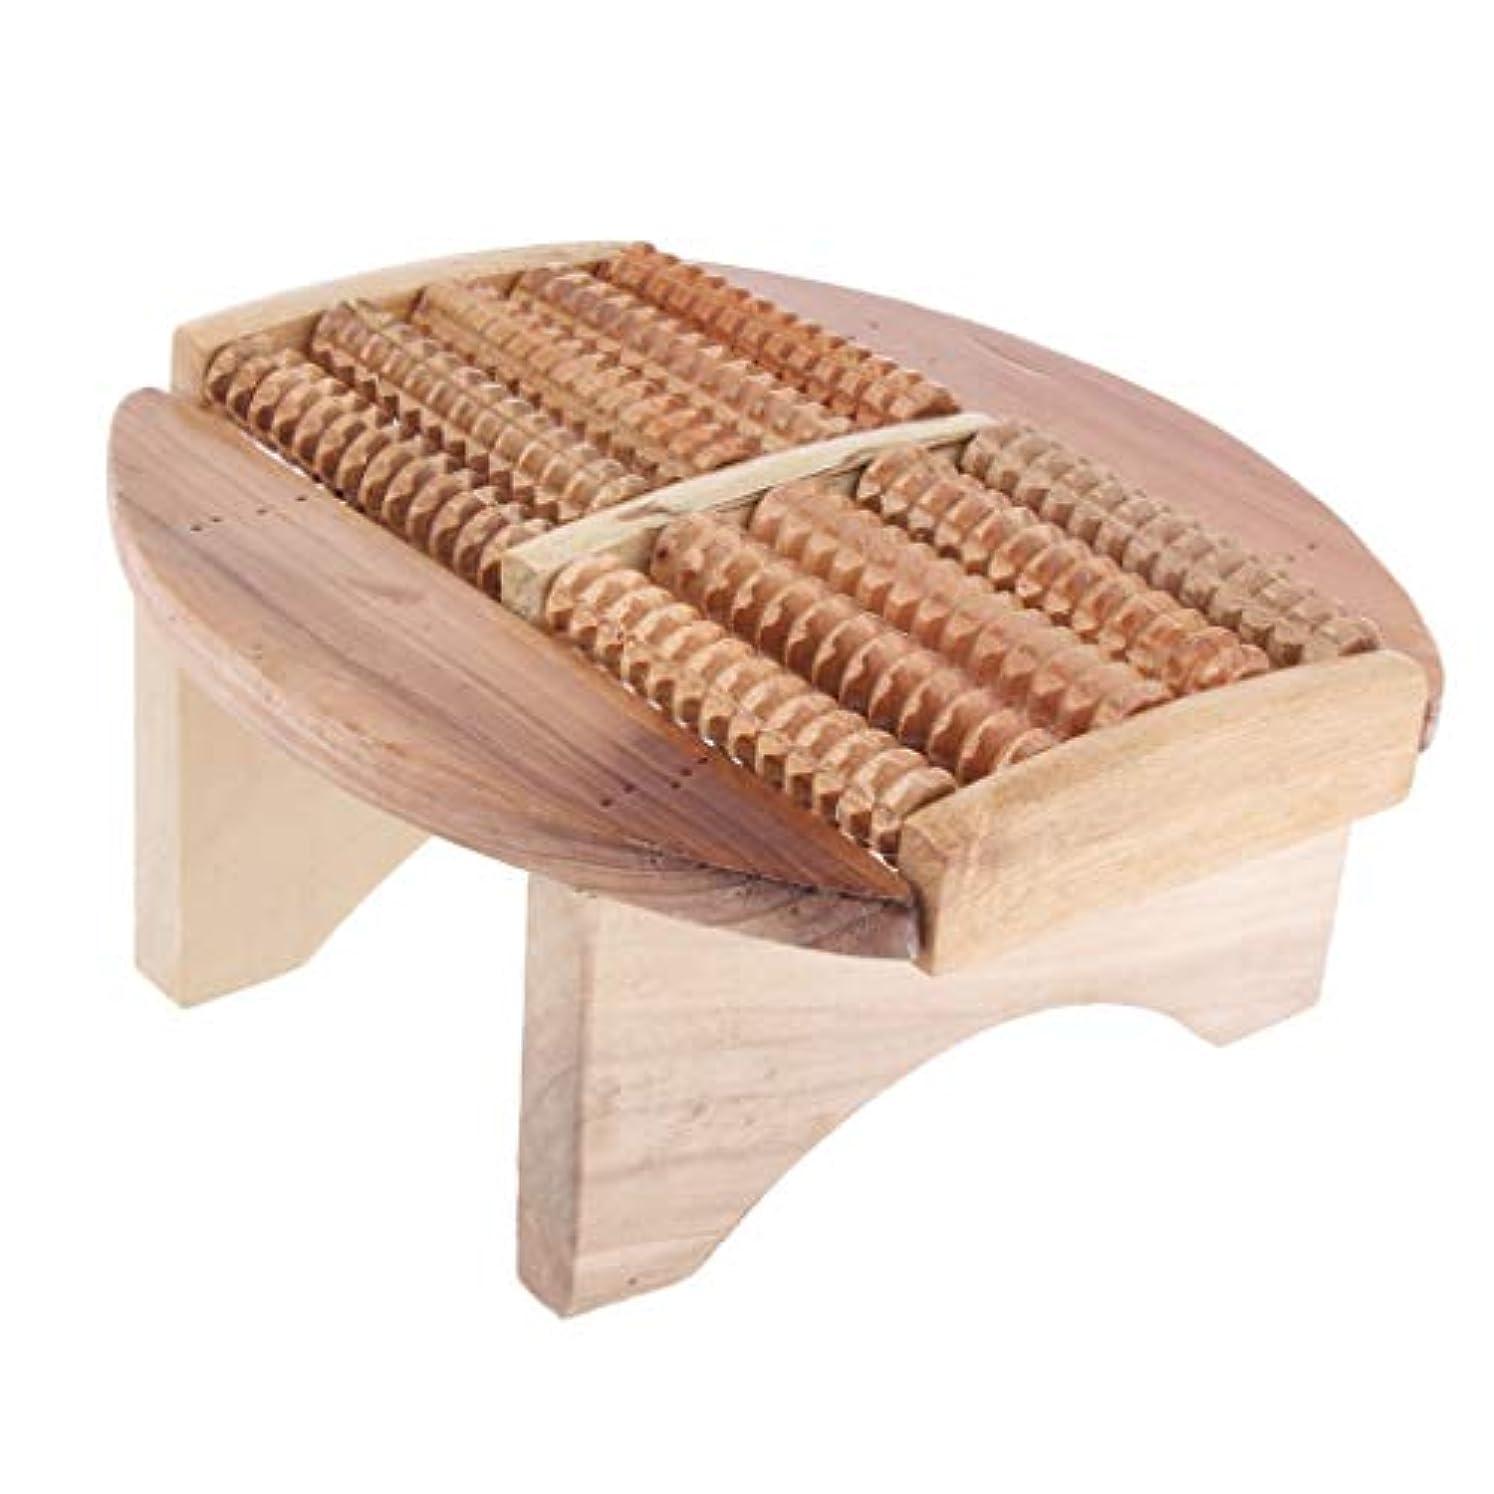 障害慣れている宣伝Baoblaze フットマッサージスツール 木製 足湯ステップ マッサージ スツール SPA